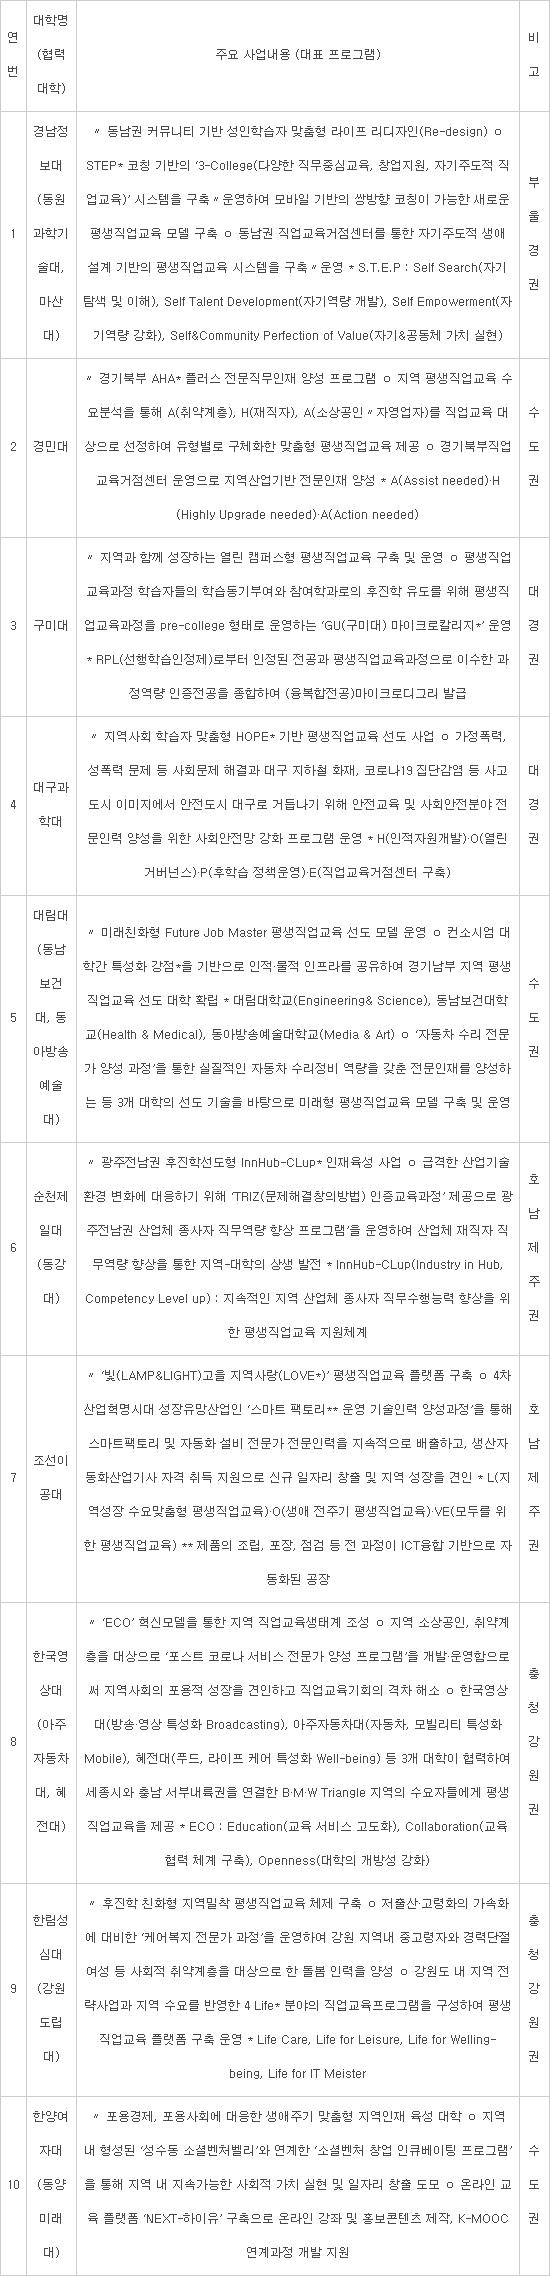 후진학 선도전문대학 10개교 추가 선정...교당 2년간 10억원 지원